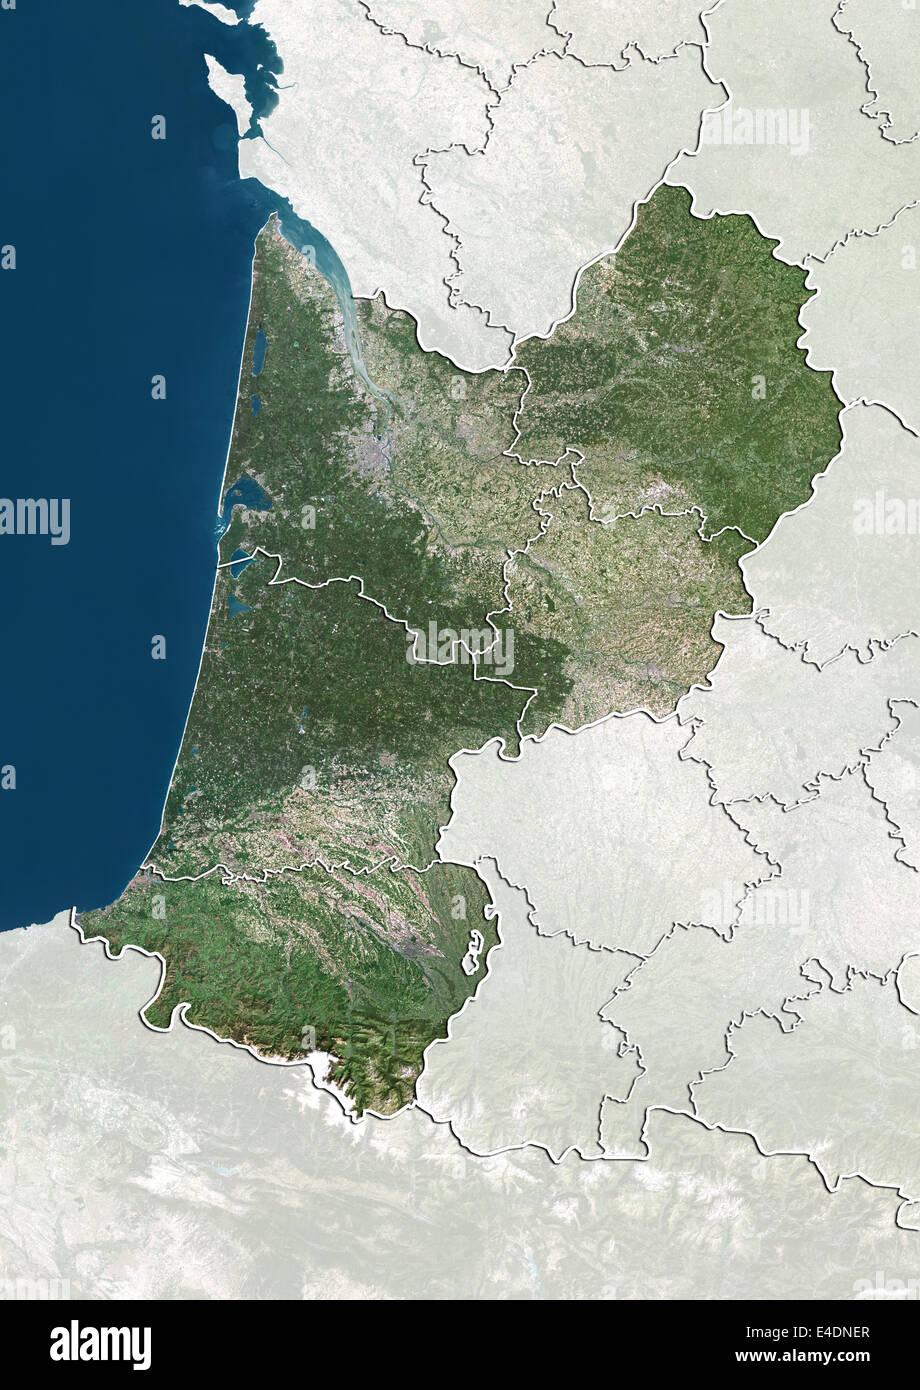 Region Aquitaine France Relief Map Stock Photos Region Aquitaine